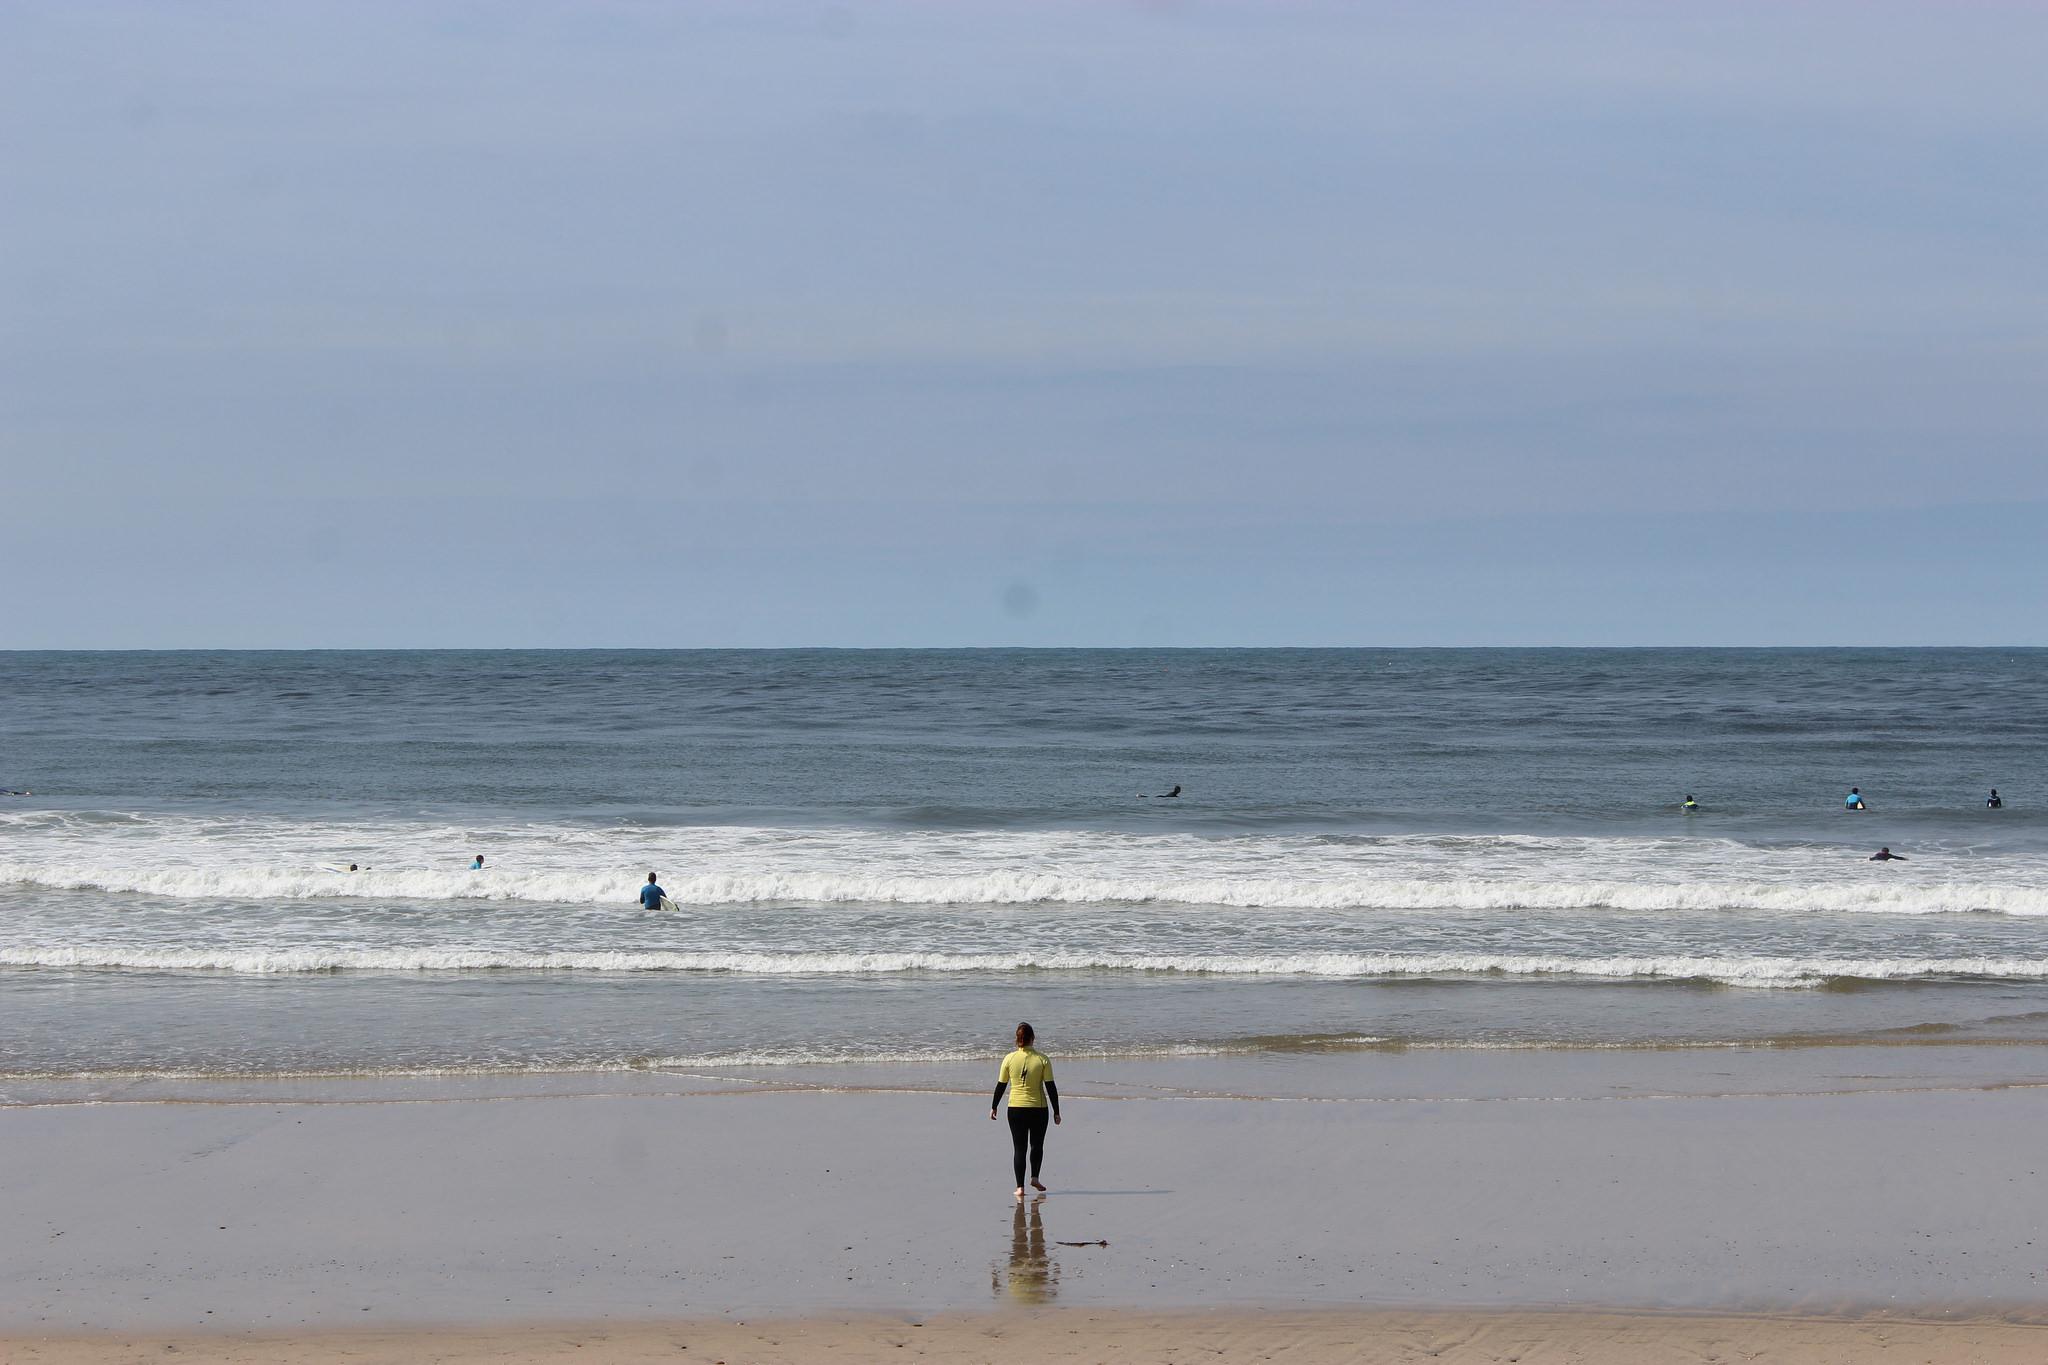 Helena surfing